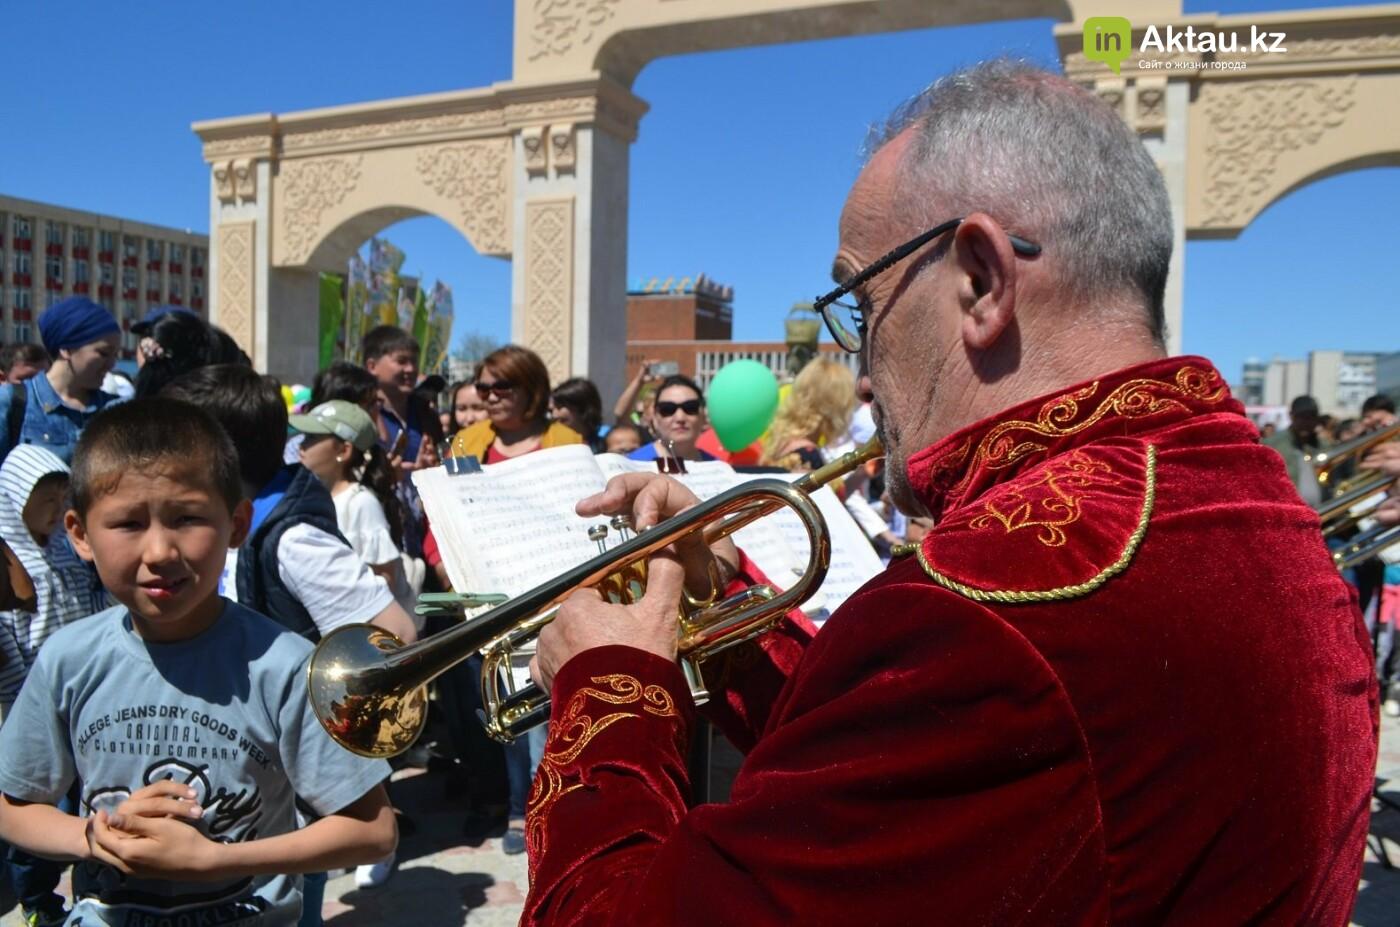 Как в Актау отметили День единства народов (ФОТО), фото-2